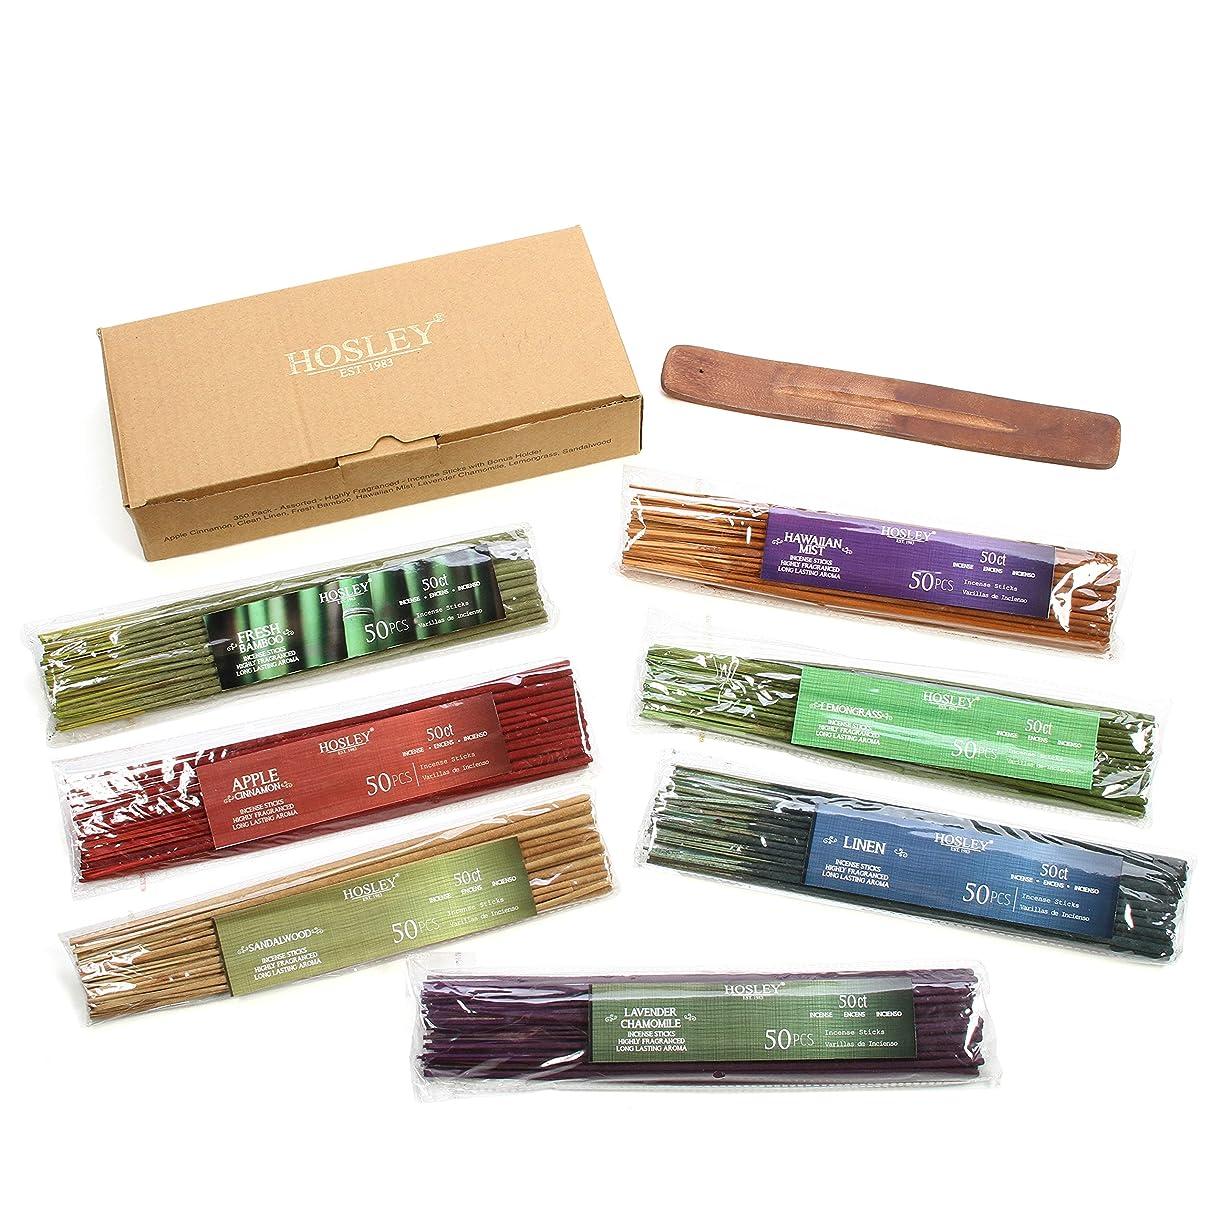 人敗北から聞くHosley's Assorted 350 Pack Incense Sticks, Highly Fragrances include: Apple Cinnamon, Hawaiian Mist, Sandalwood, Linen, Fresh Bamboo, Lemongrass, and Lavender Chamomile. Great for Aromatherapy.